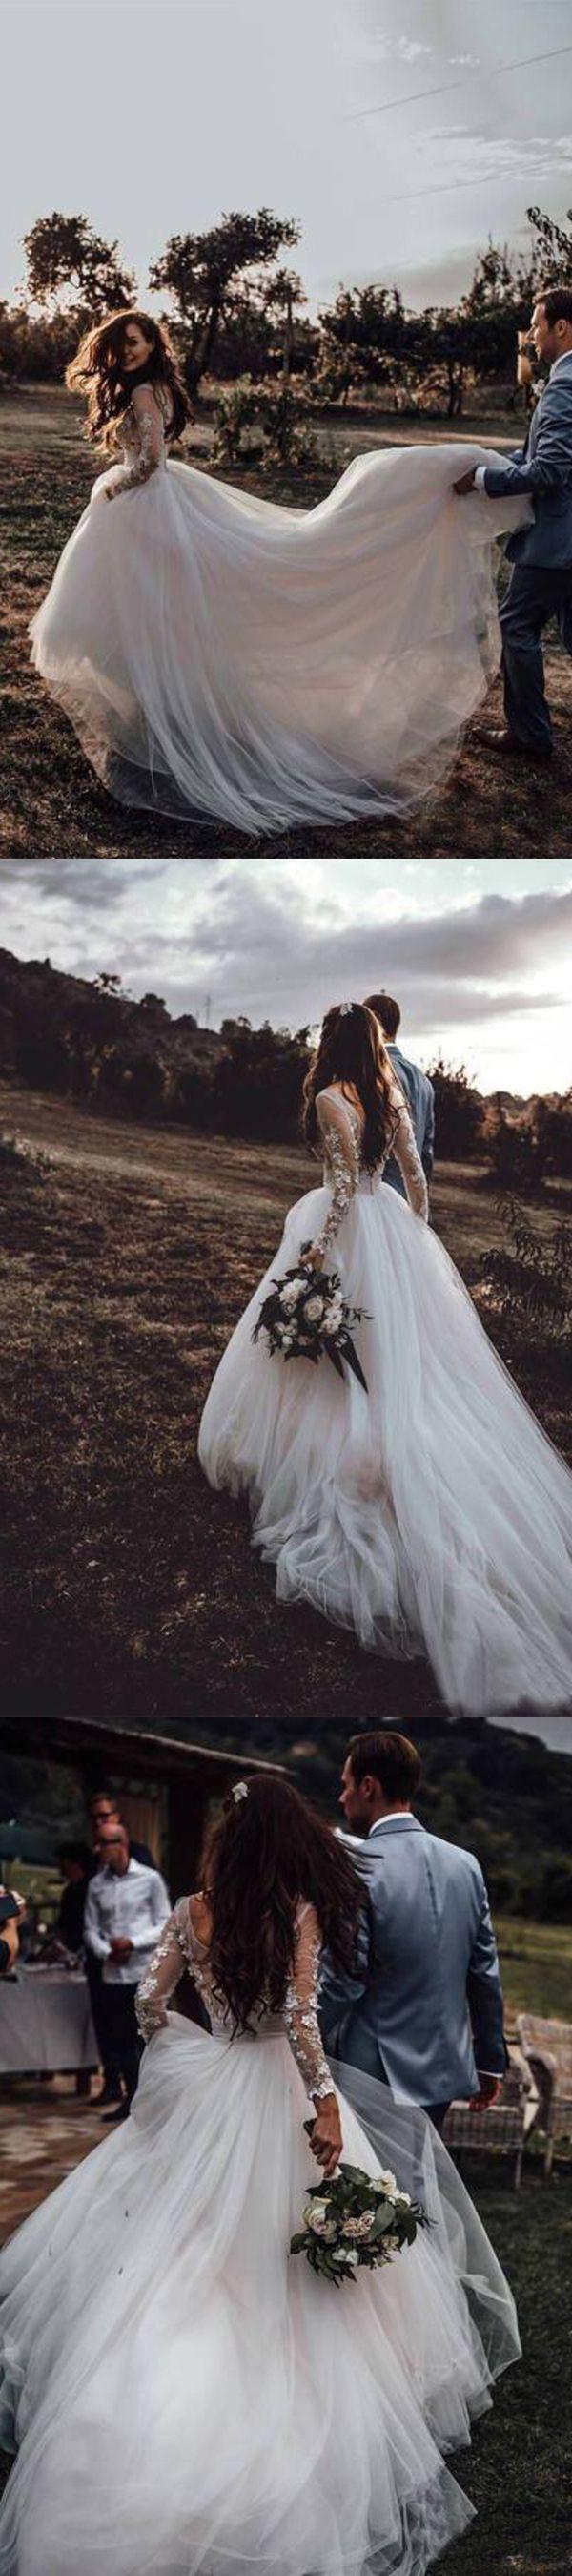 Elegant Durchsichtig Langarm Brautkleider Spitze Applique Brautkleid #spitzeapplique